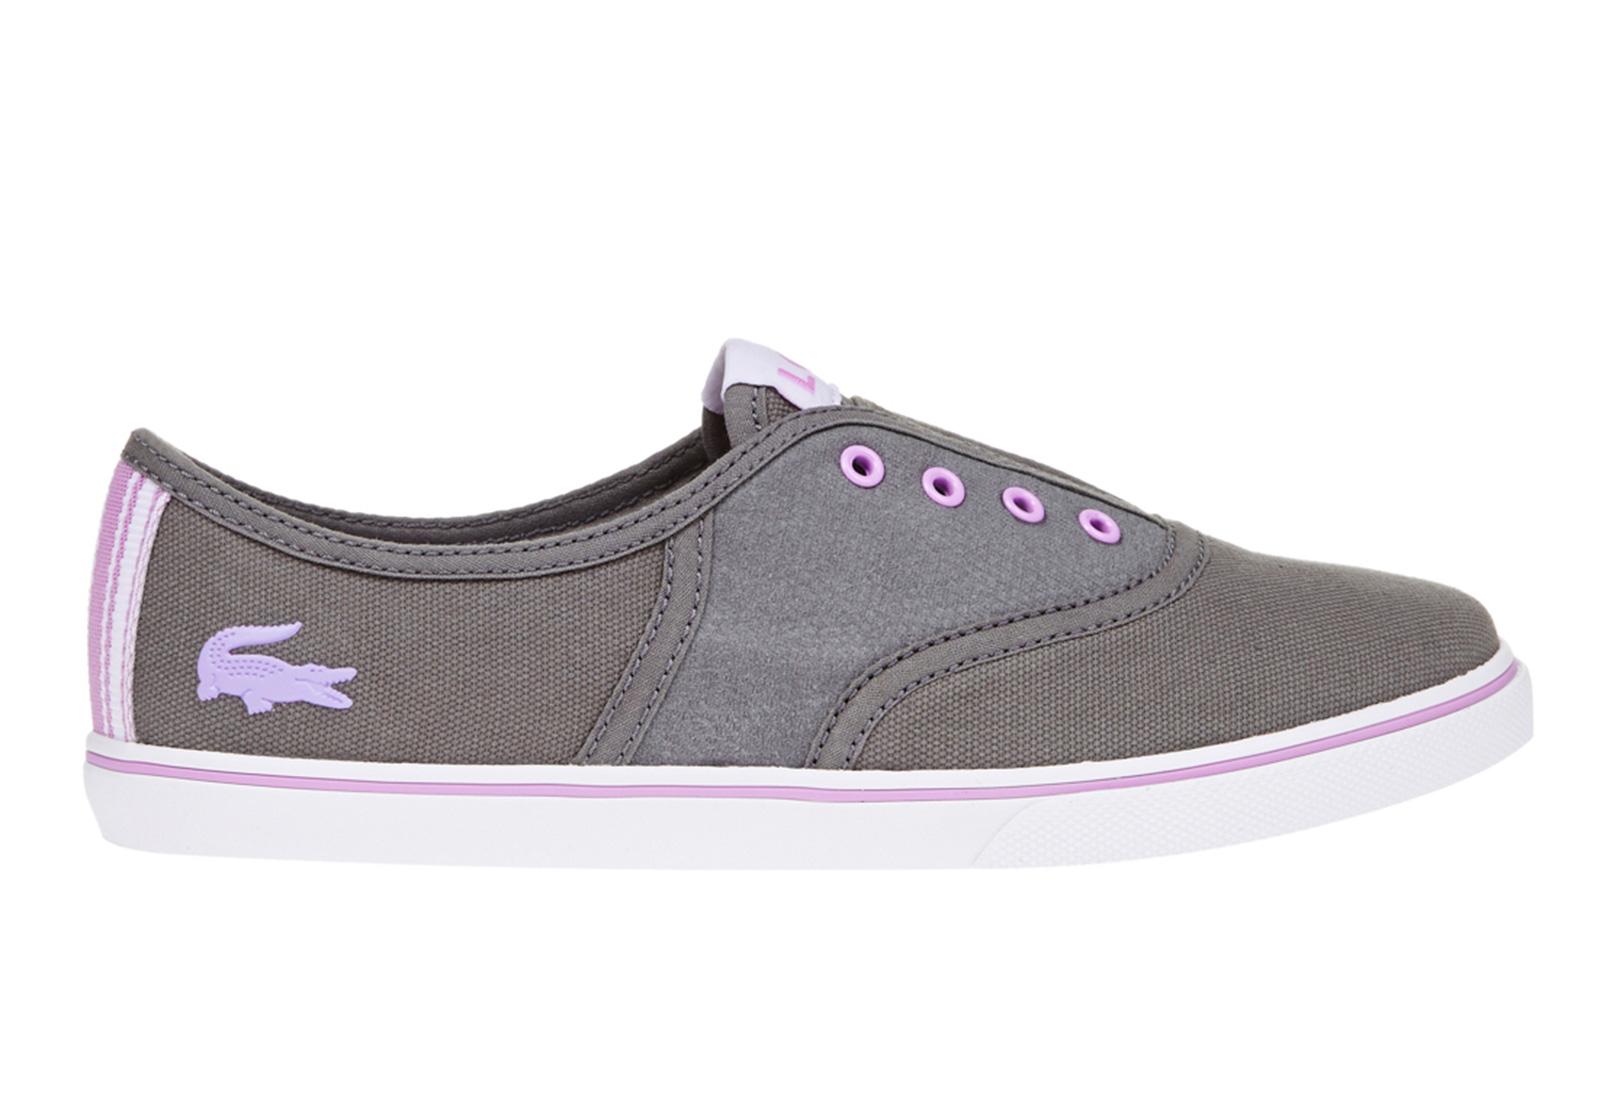 Lacoste Cipő - Rene Sleek Slip Cee - zx-scw22082j5 - Office Shoes ... e24015934c